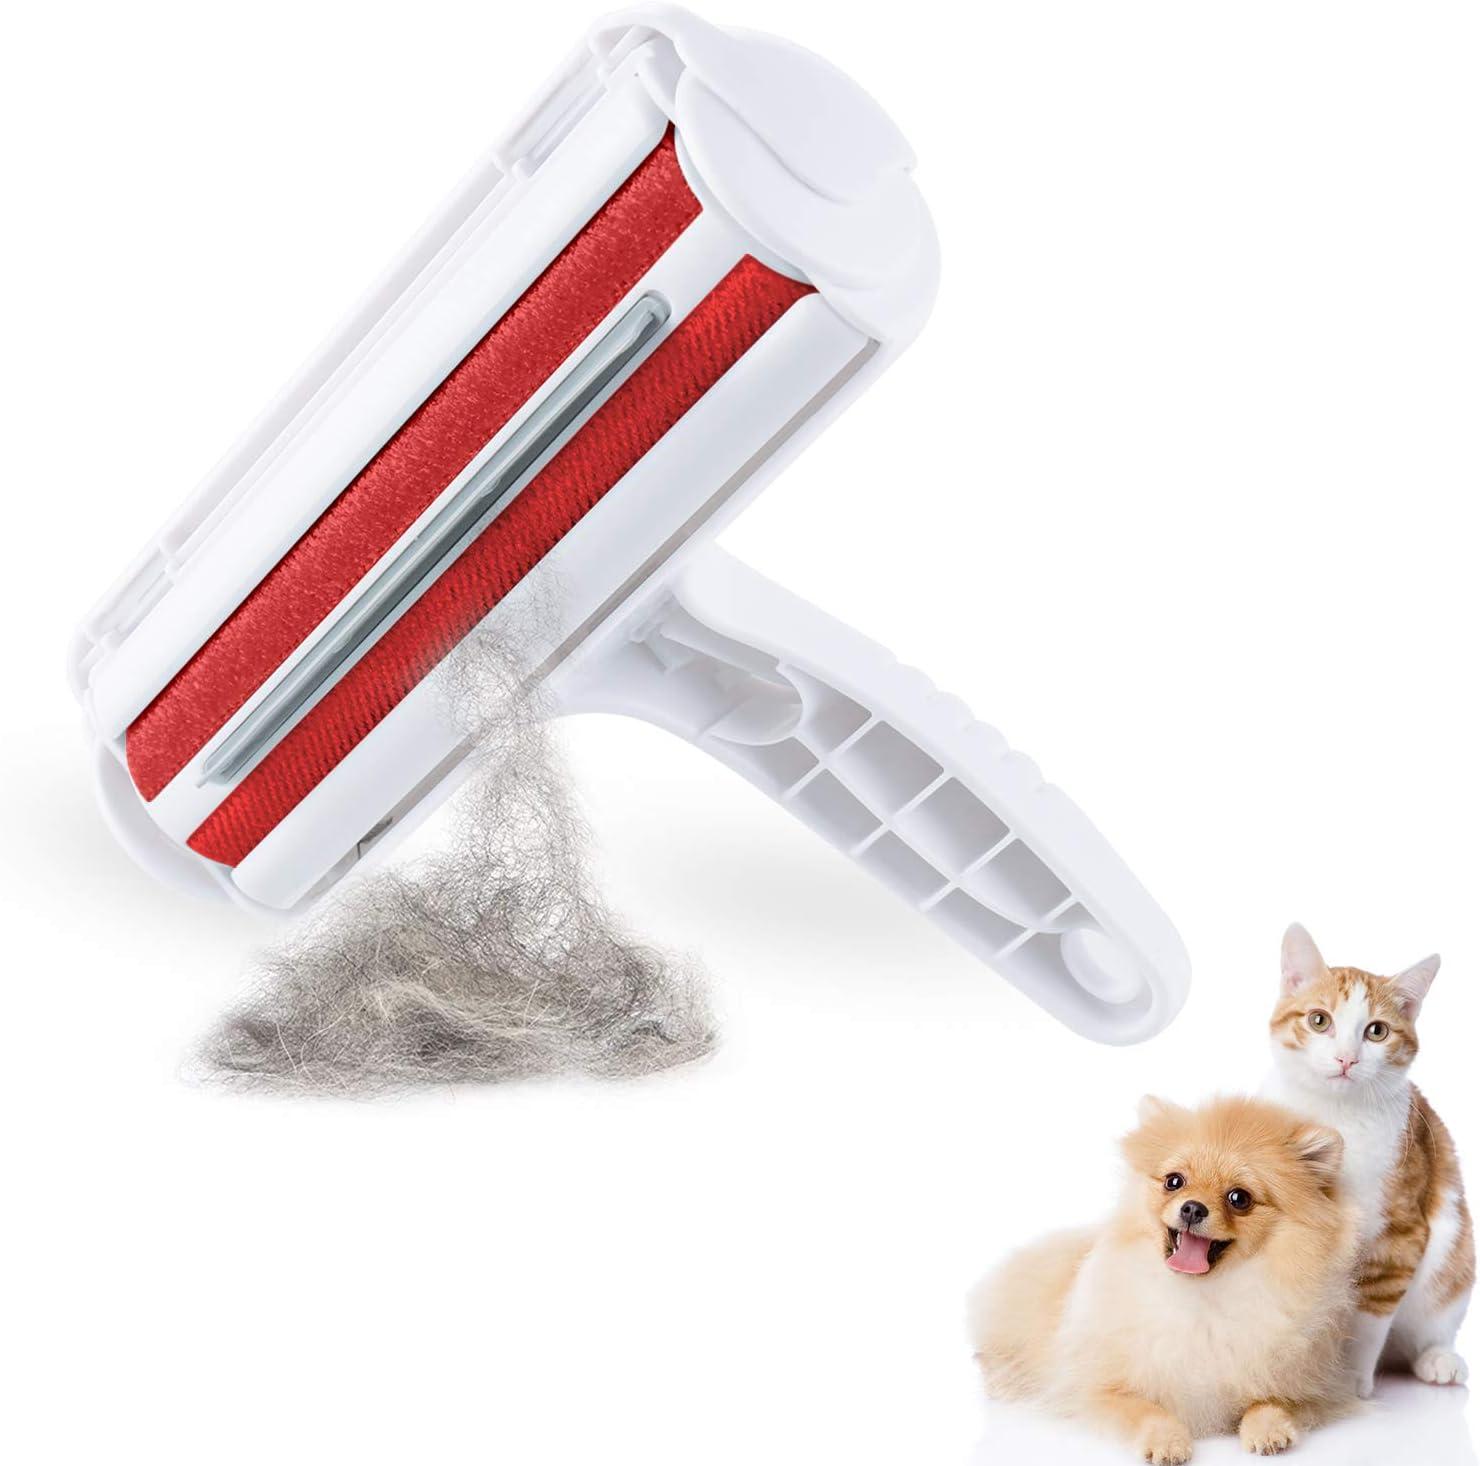 yipin Quitapelos y Rodillos para Mascotas , Removedor de Pelo de Mascotas ,Rodillos para Mascotas para Eliminar el Cabello de Los Muebles, Alfombras, Ropa de Cama, Ropa y Má